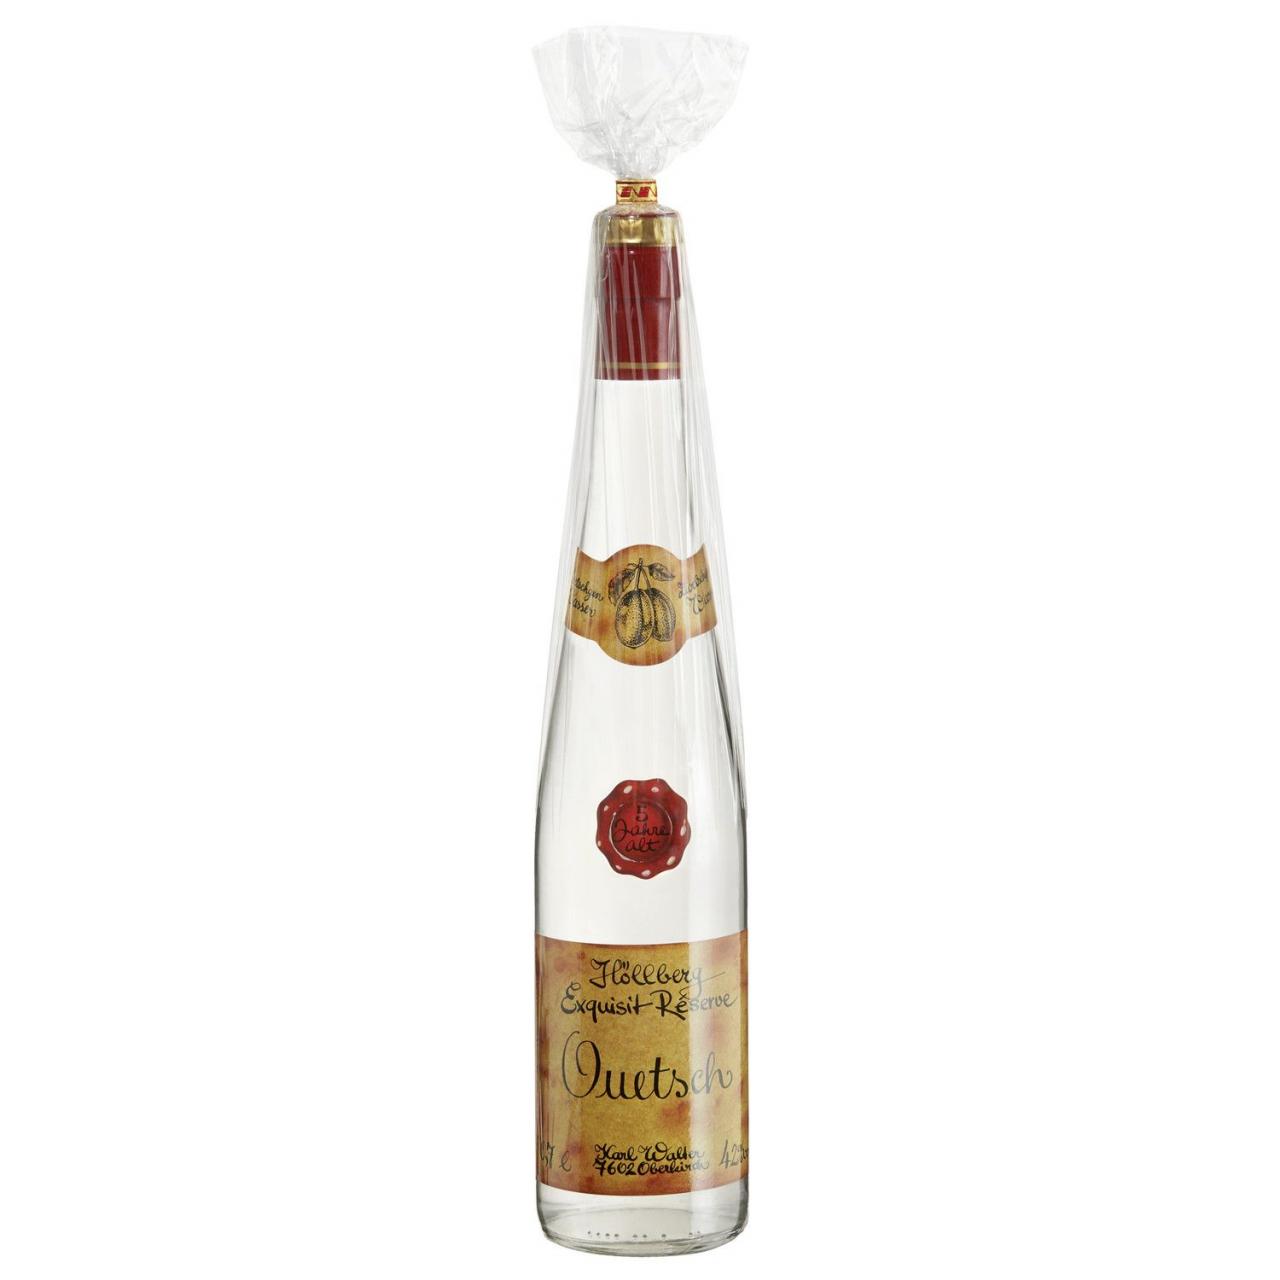 0,7 Liter Flasche Höllberg Exklusiv Réserve Quetsch